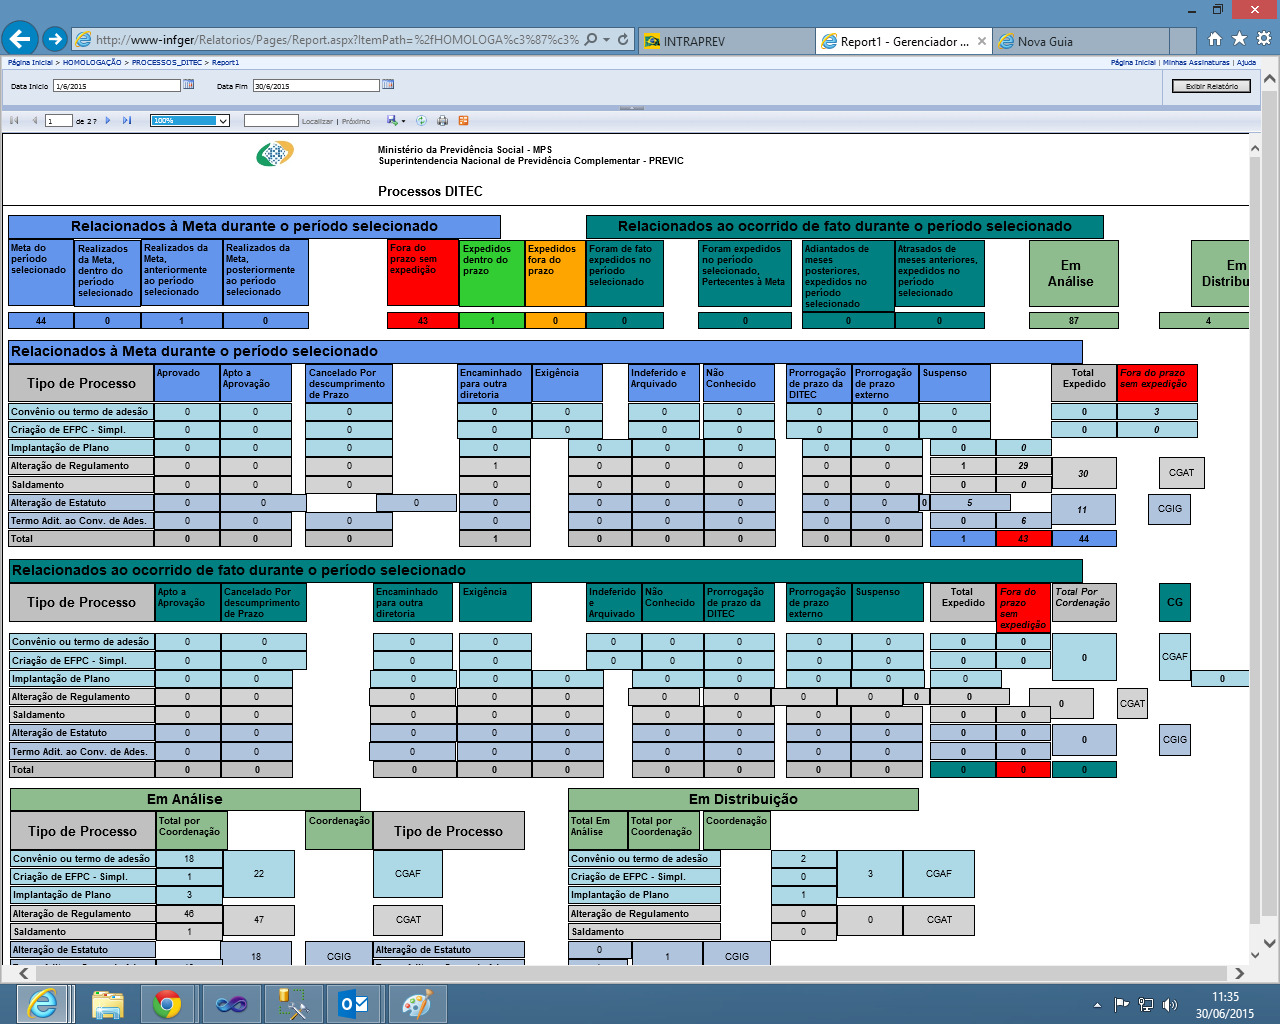 Como está no navegador Explore através do reporting service